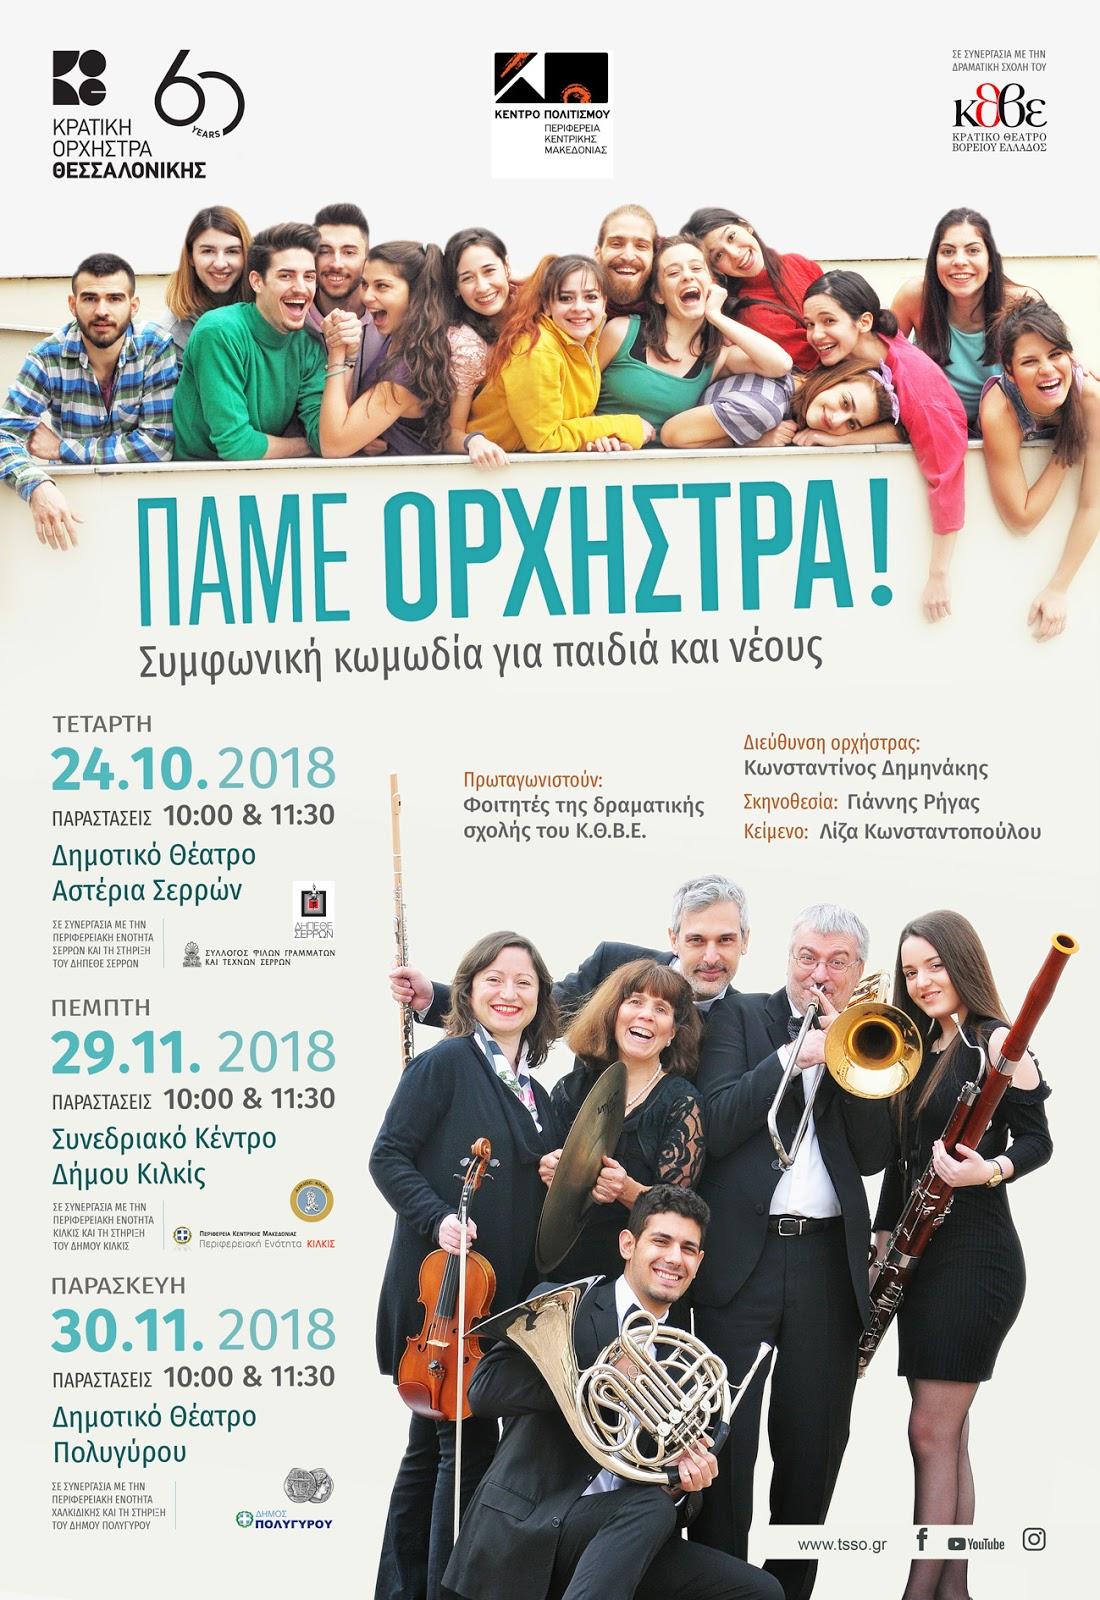 «Πάμε Ορχήστρα» στο Δημοτικό Θέατρο Πολυγύρου